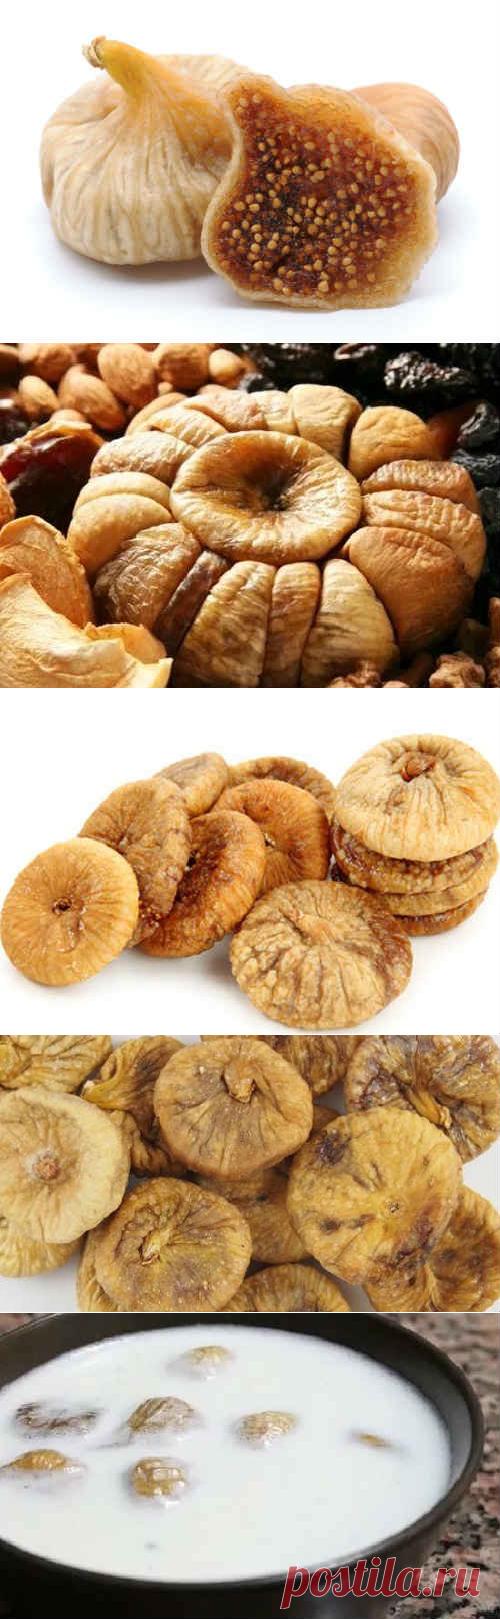 полезен ли инжир сушеный при похудении